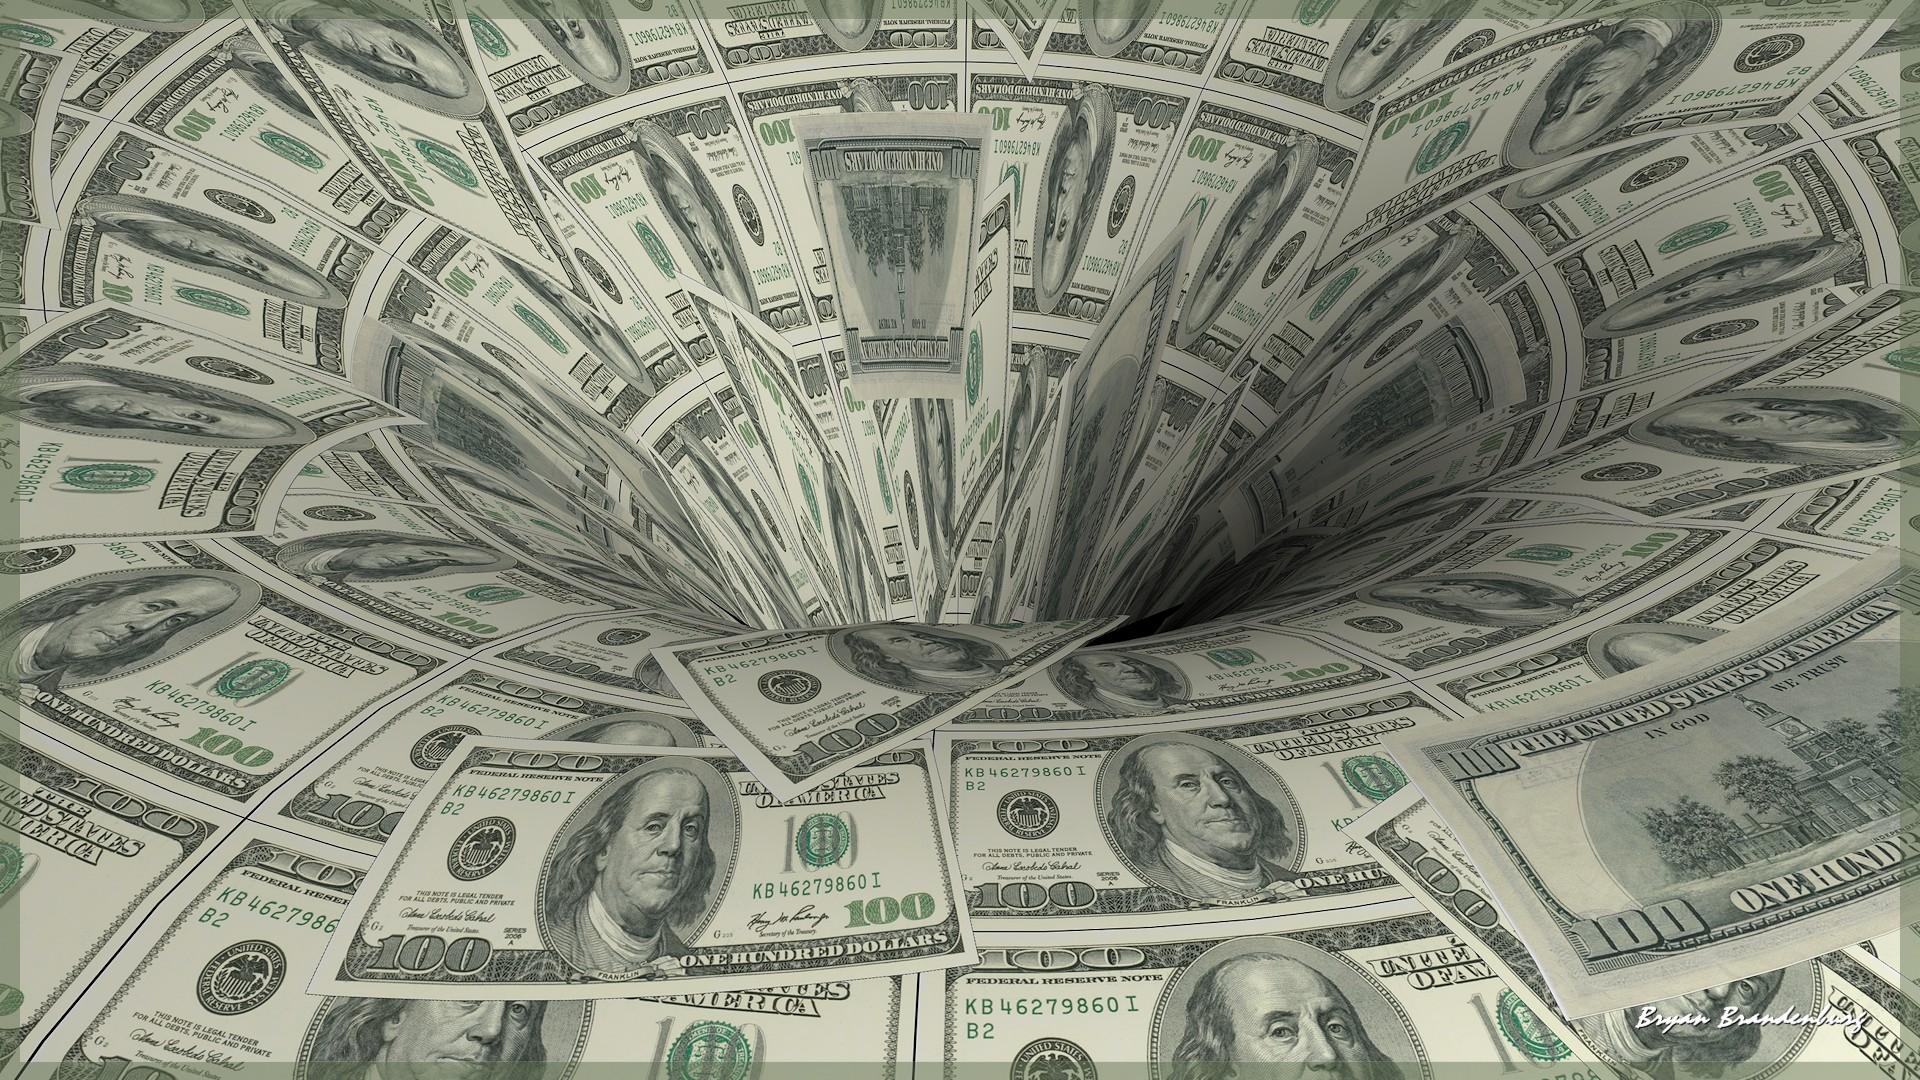 یارانه برای سفر به ترکیه،چرا؟ /ثابت نگه داشتن نرخ ارز، خروج ارز را تسهیل میکند/  ارز ایرانیان در جسب رقیب ژئوپلیتیکی ایران